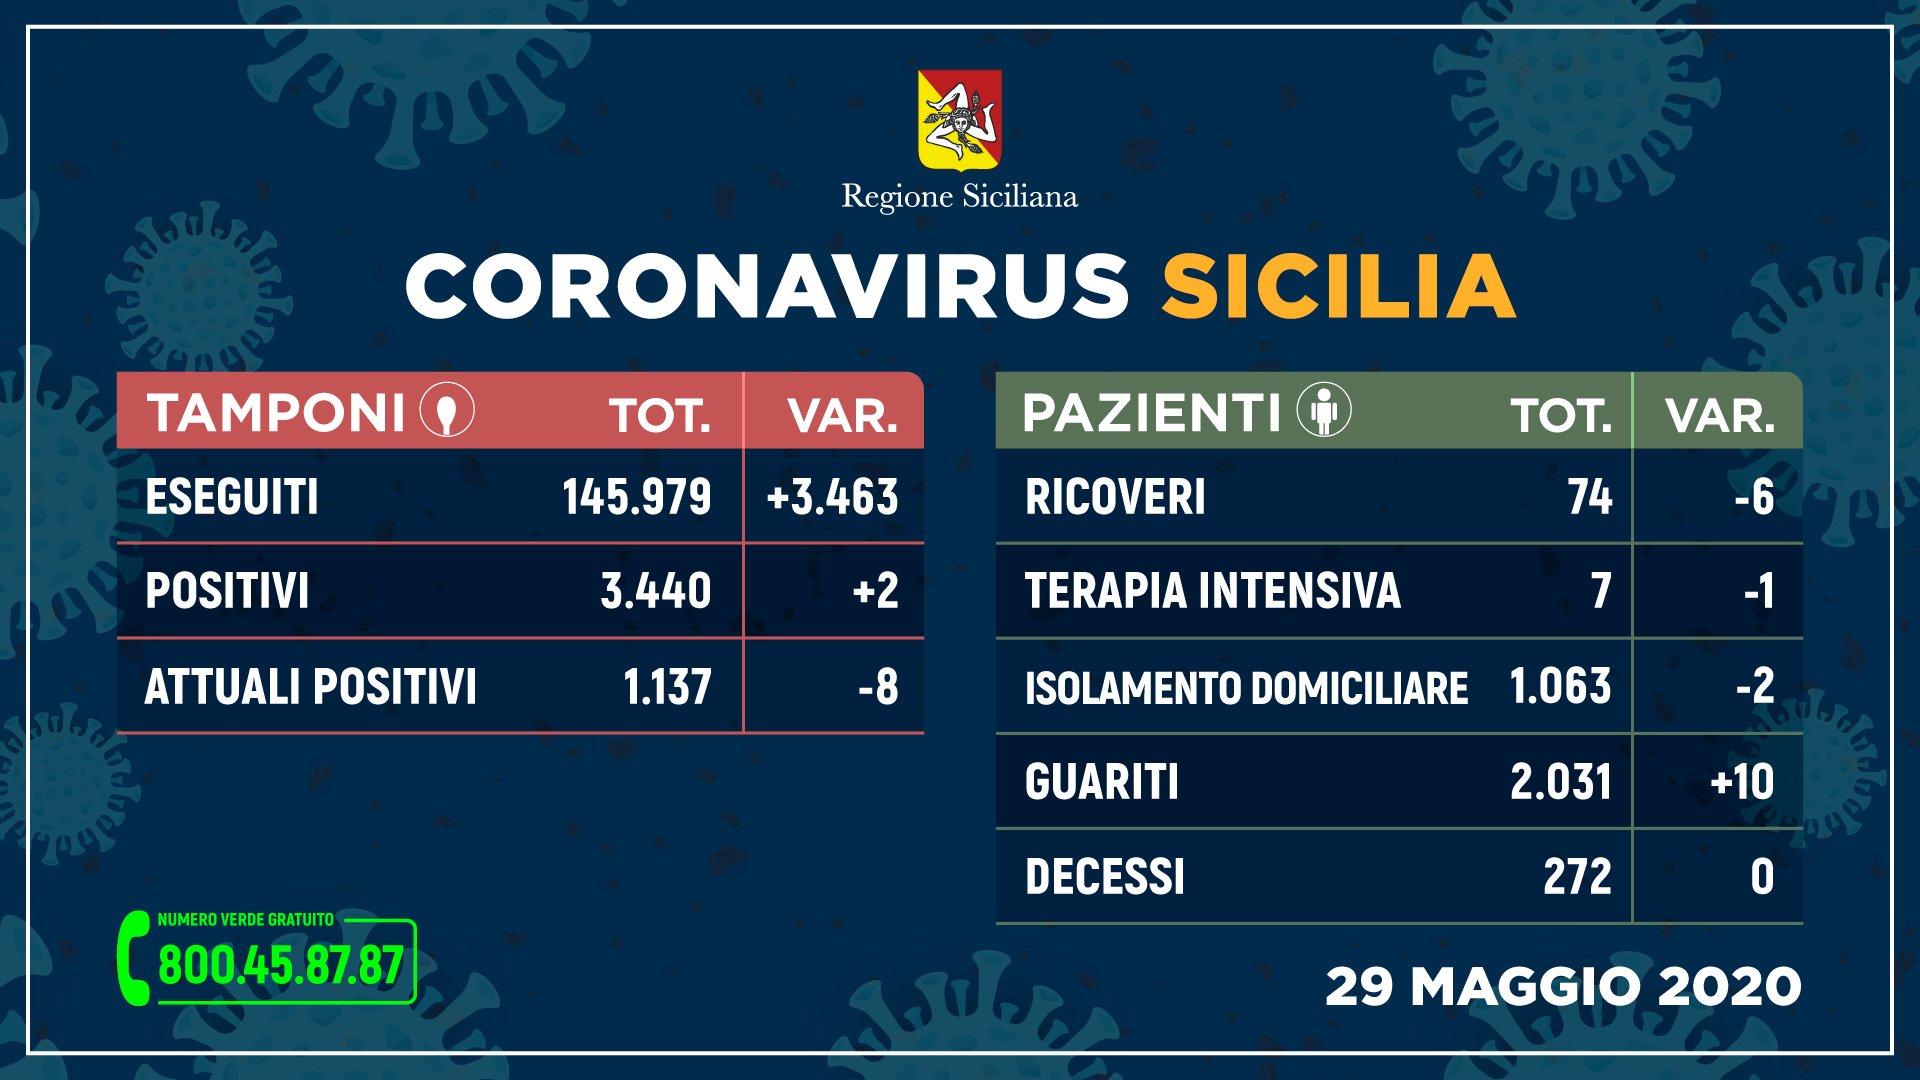 Coronavirus, Sicilia sulla buona strada: solo 2 nuovi contagi su oltre 3 mila tamponi